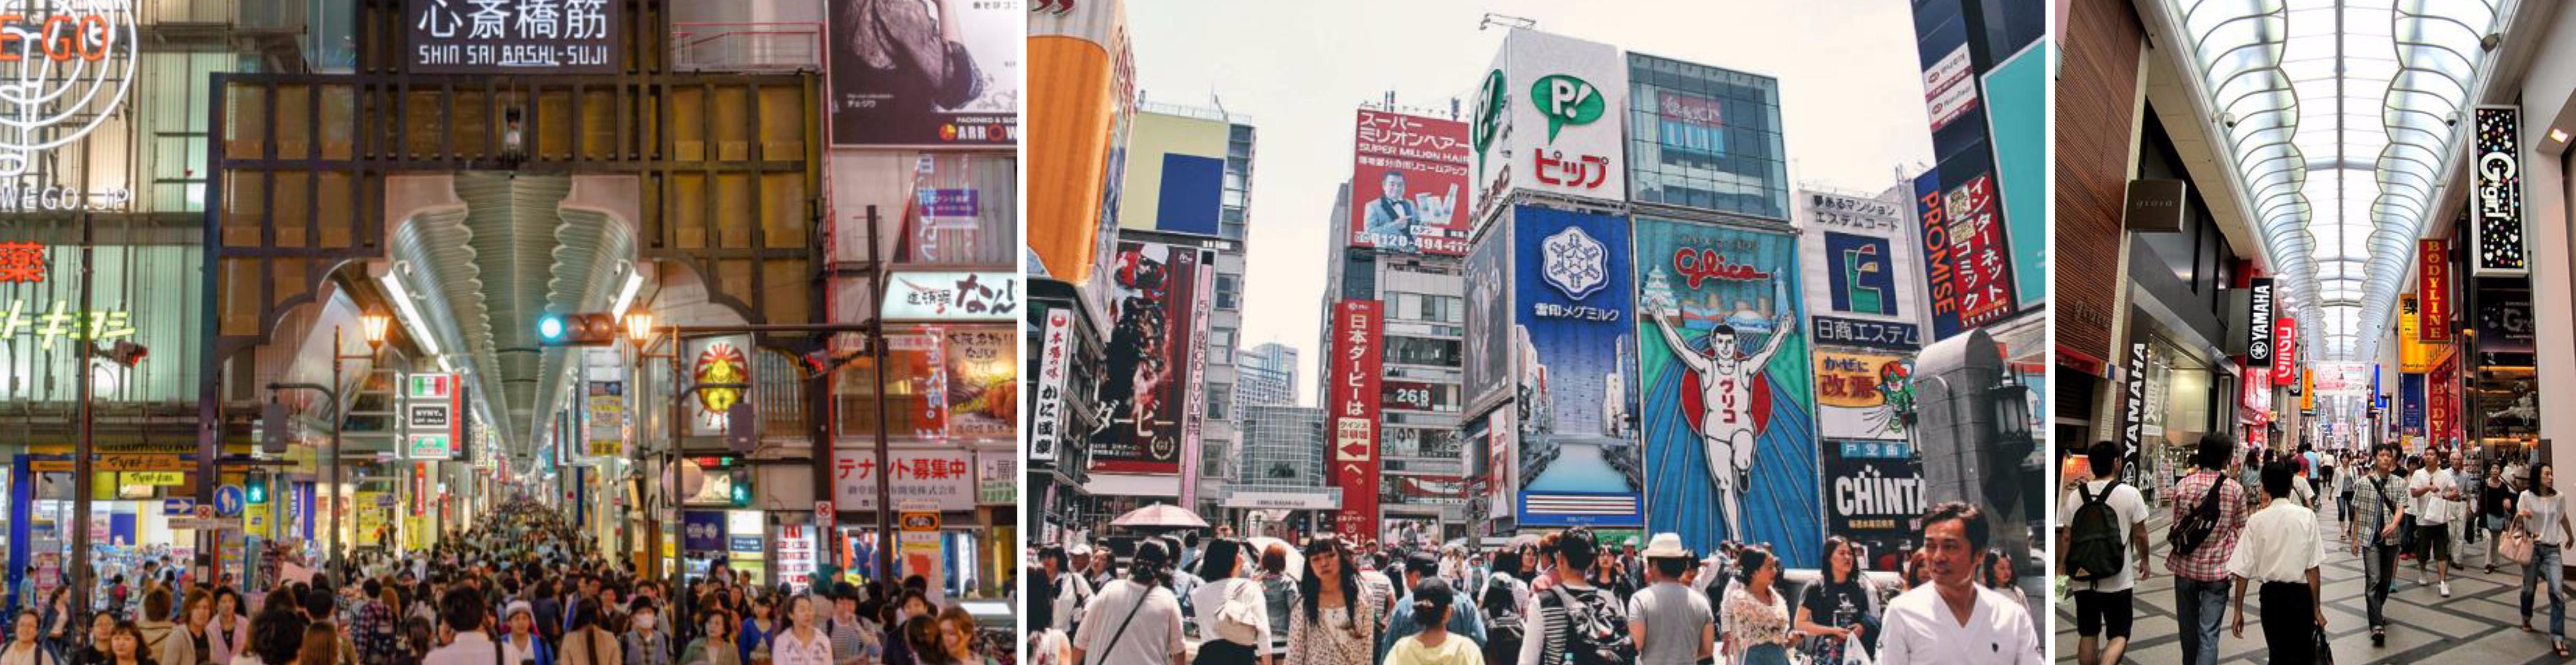 โอซาก้า – ตลาดเช้าคุโรมอน อิชิบะ – ช้อปปิ้งย่านชินไซบาชิและย่านโดตอมโบริ (วันนี้ไม่มีรถโค้ชบริการ) - 2